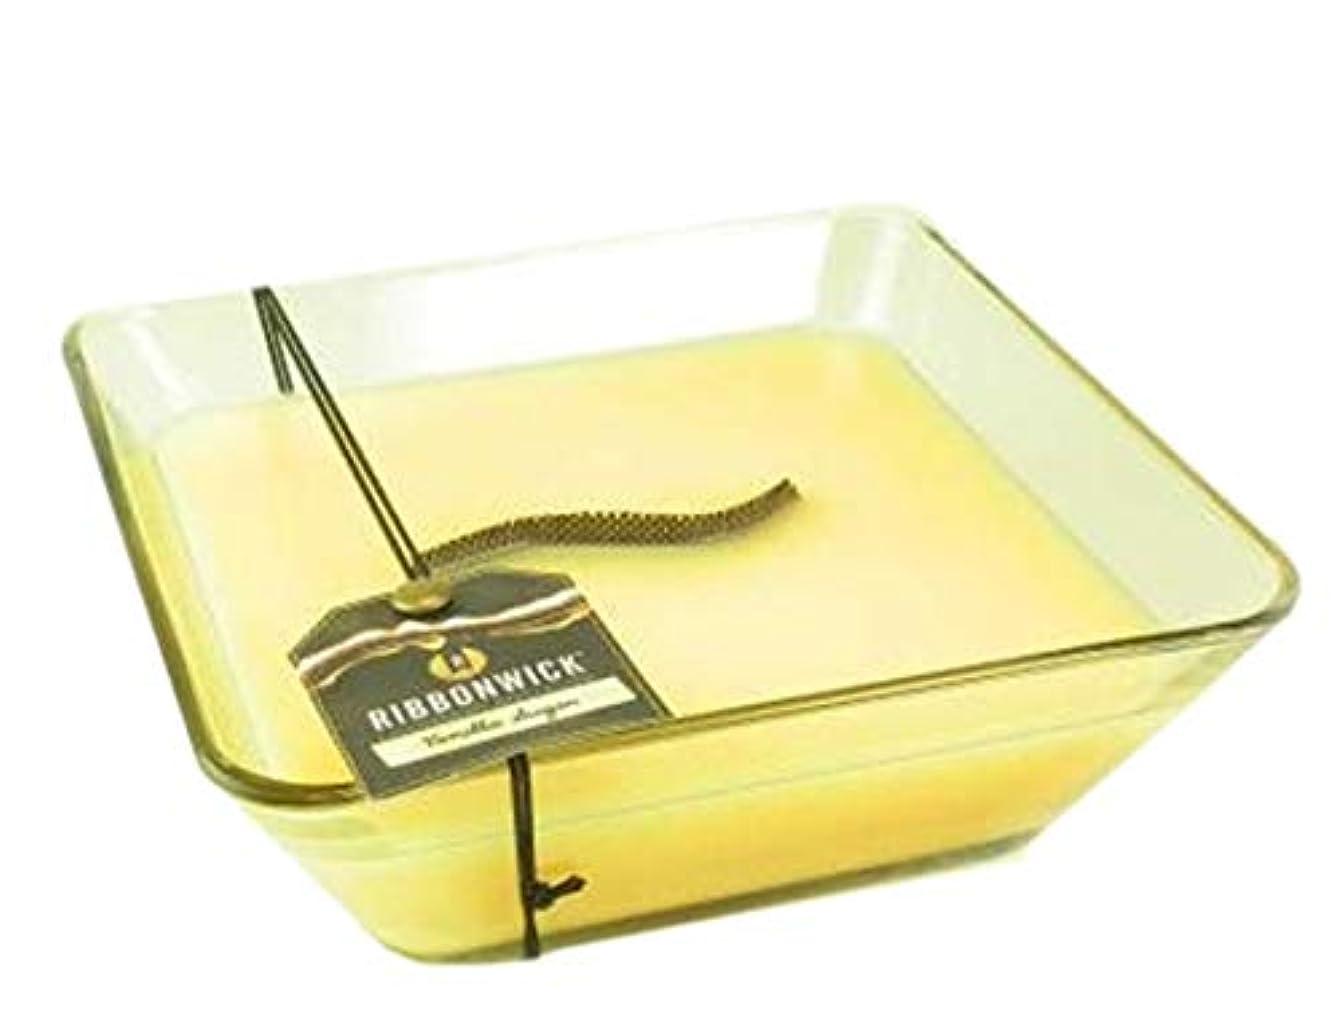 逃す委任する誘惑1 xバニラ砂糖装飾ガラス – RibbonWick Scented Candle